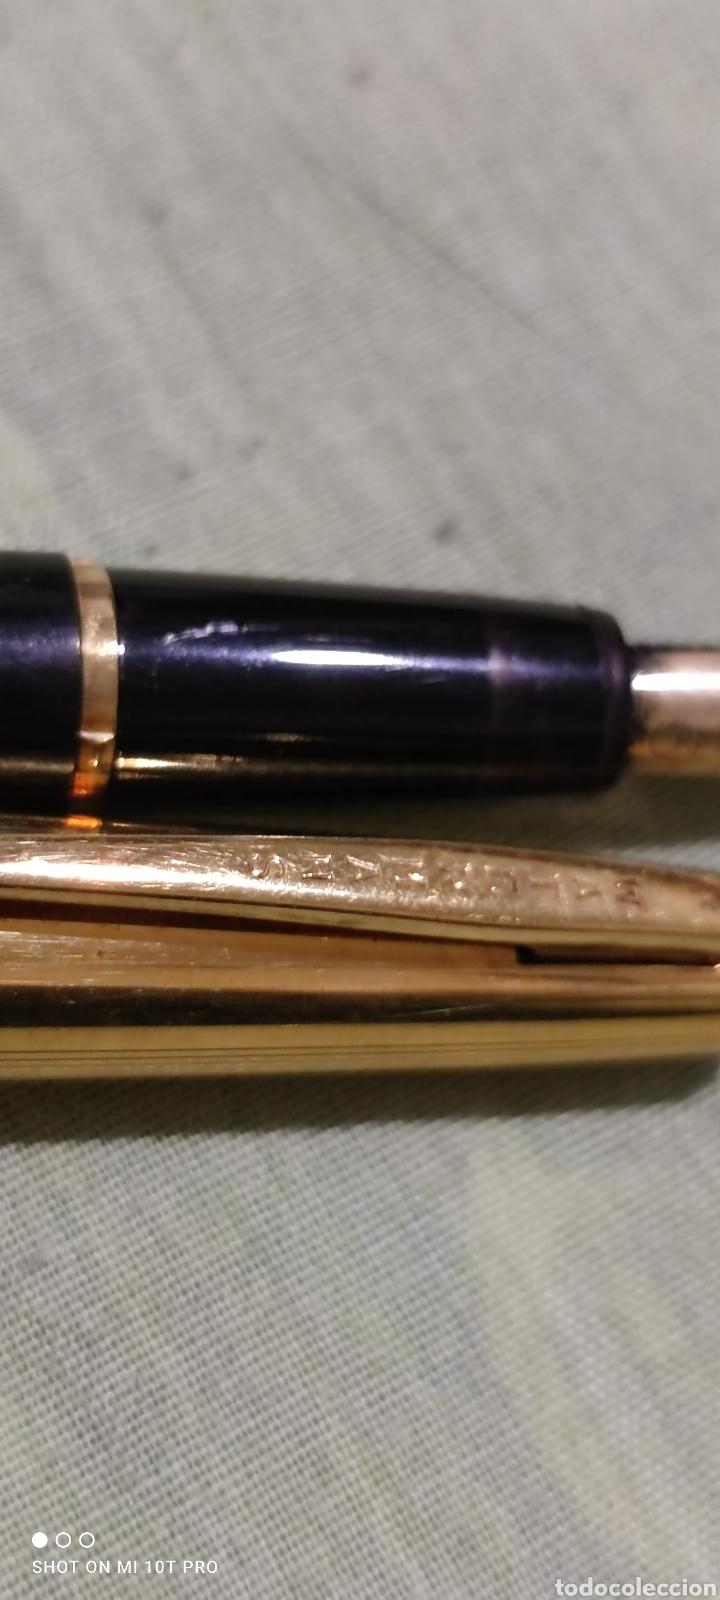 Plumas estilográficas antiguas: Pluma Waterman - Foto 4 - 293662468